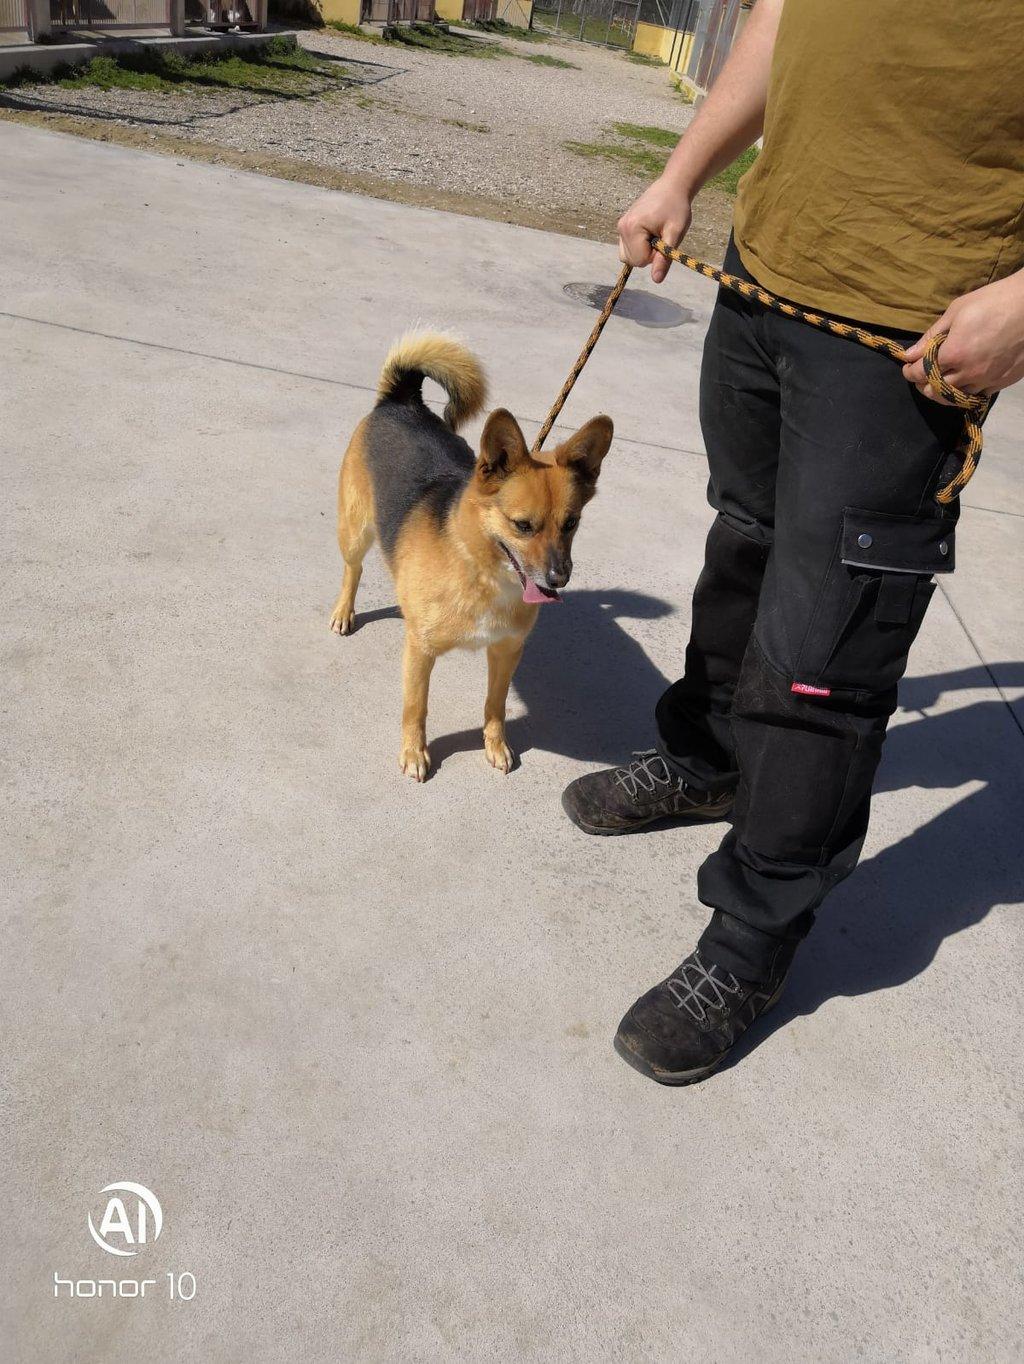 Bildertagebuch - Kity, die Miniaturausgabe eines Schäferhundes .... 35472333sj